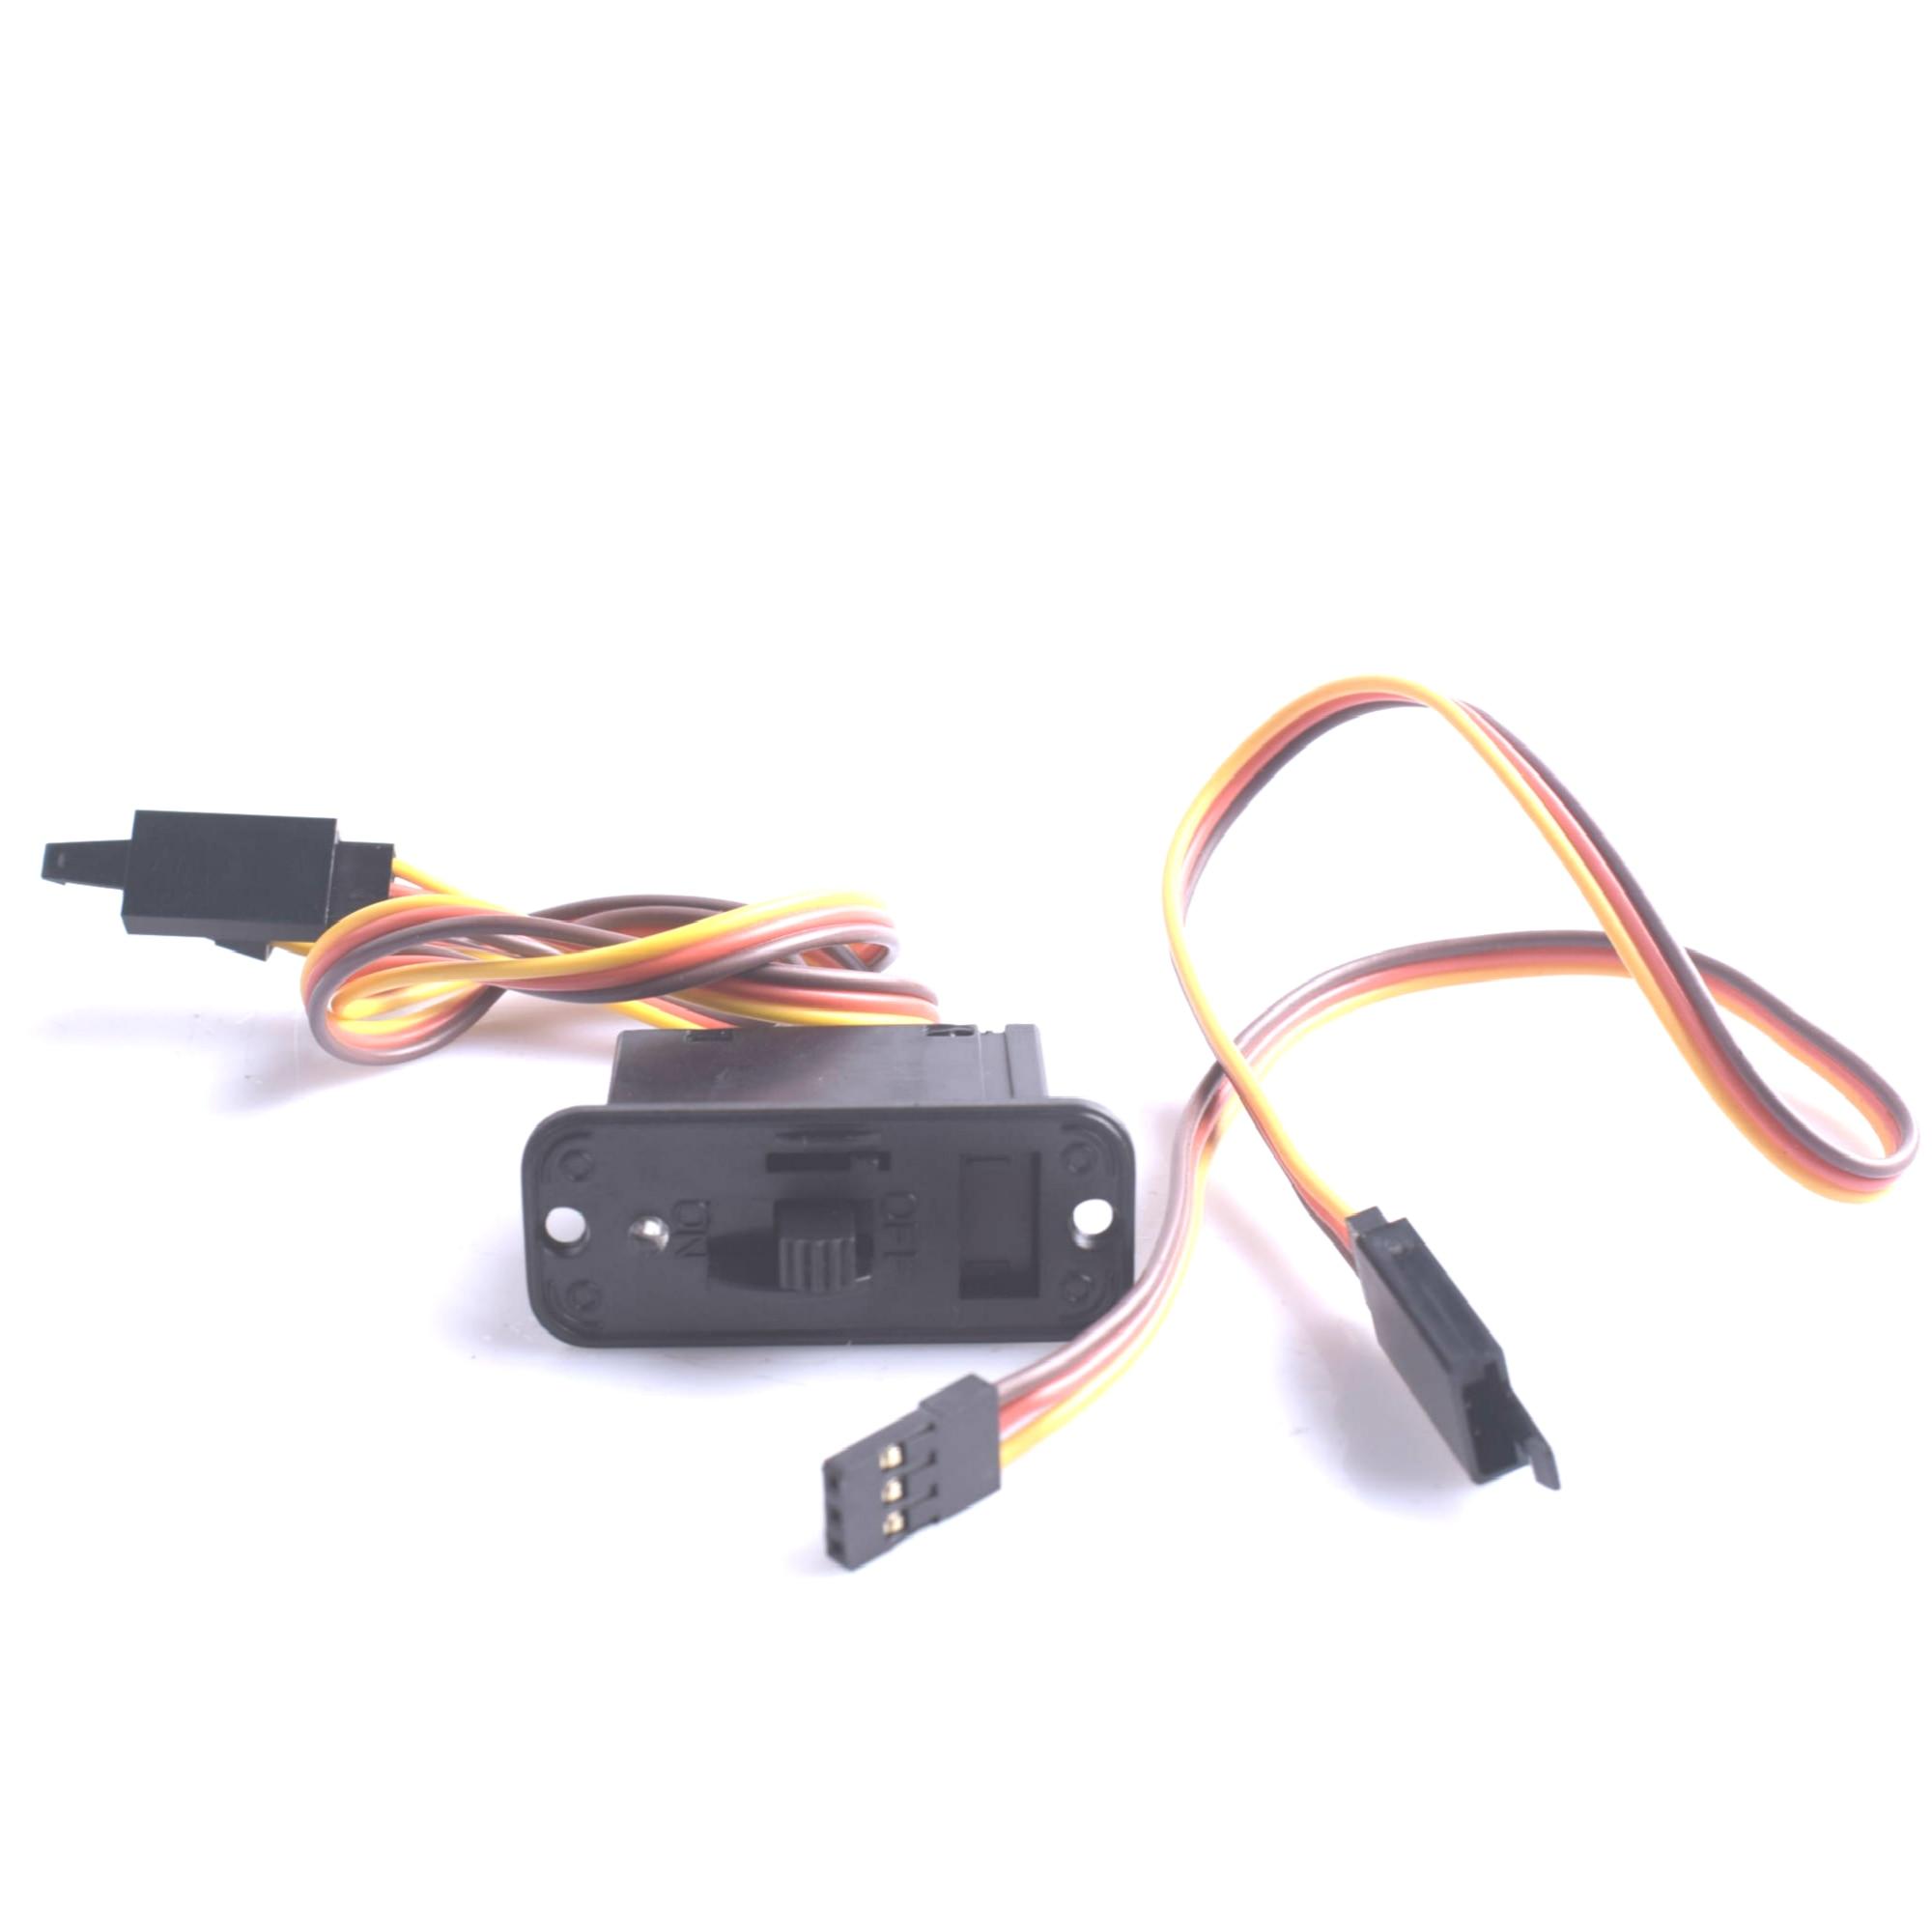 Переключатель RC JR Futaba JST BEC стиль Сверхмощный переключатель вкл/выкл с зарядным портом и яркий светодиодный светильник для радиоуправляемого зарядного устройства Lipo батарея